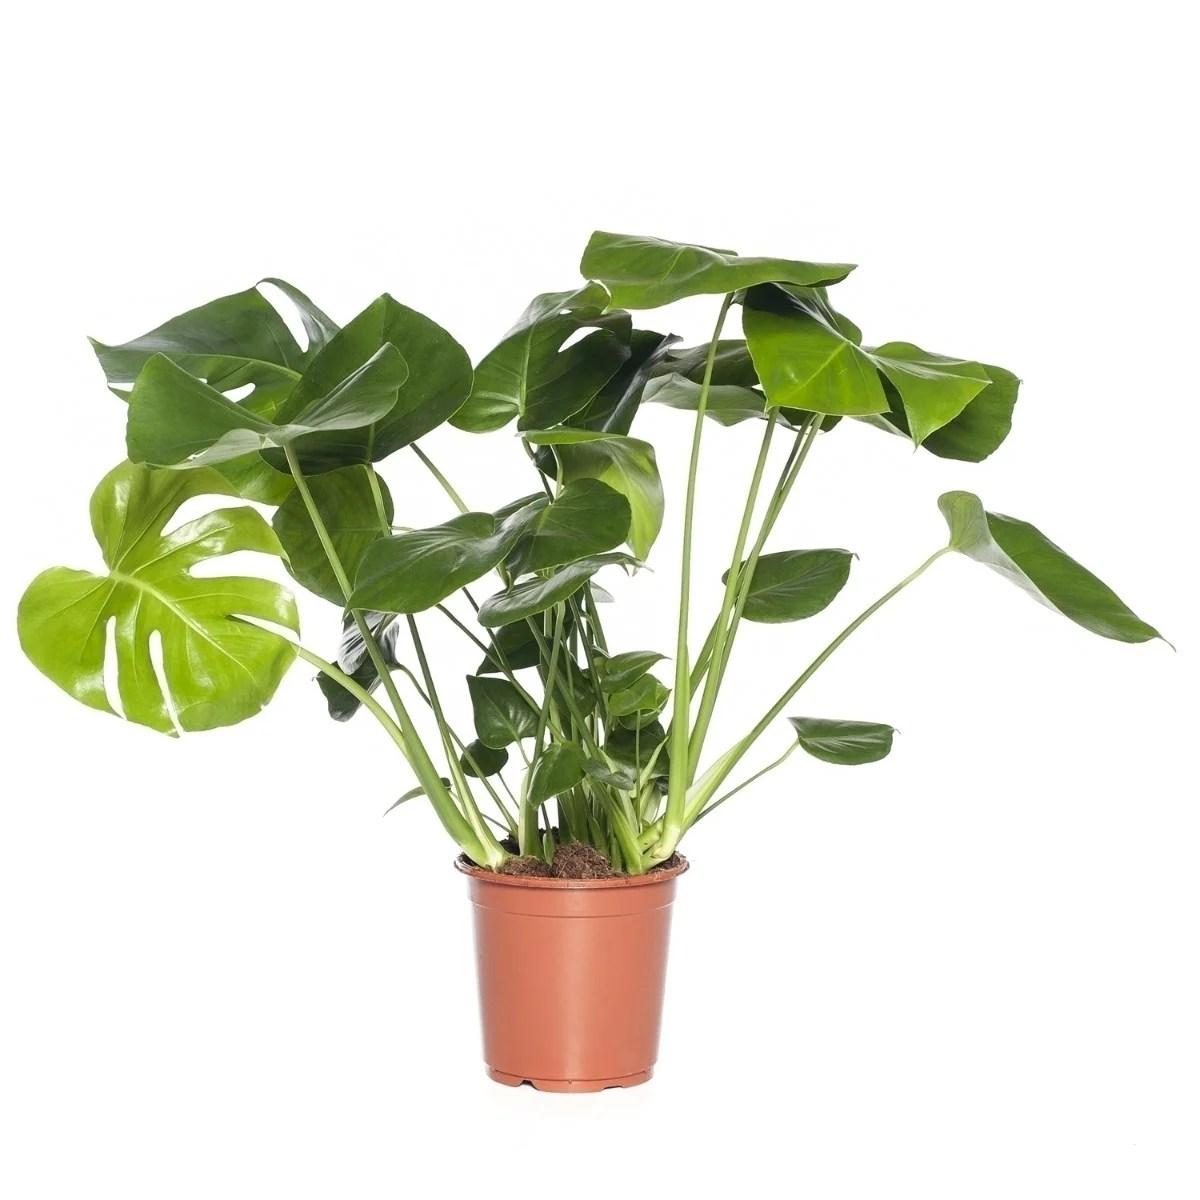 Gatenplant Monstera deliciosa D 21 cm  Intratuin